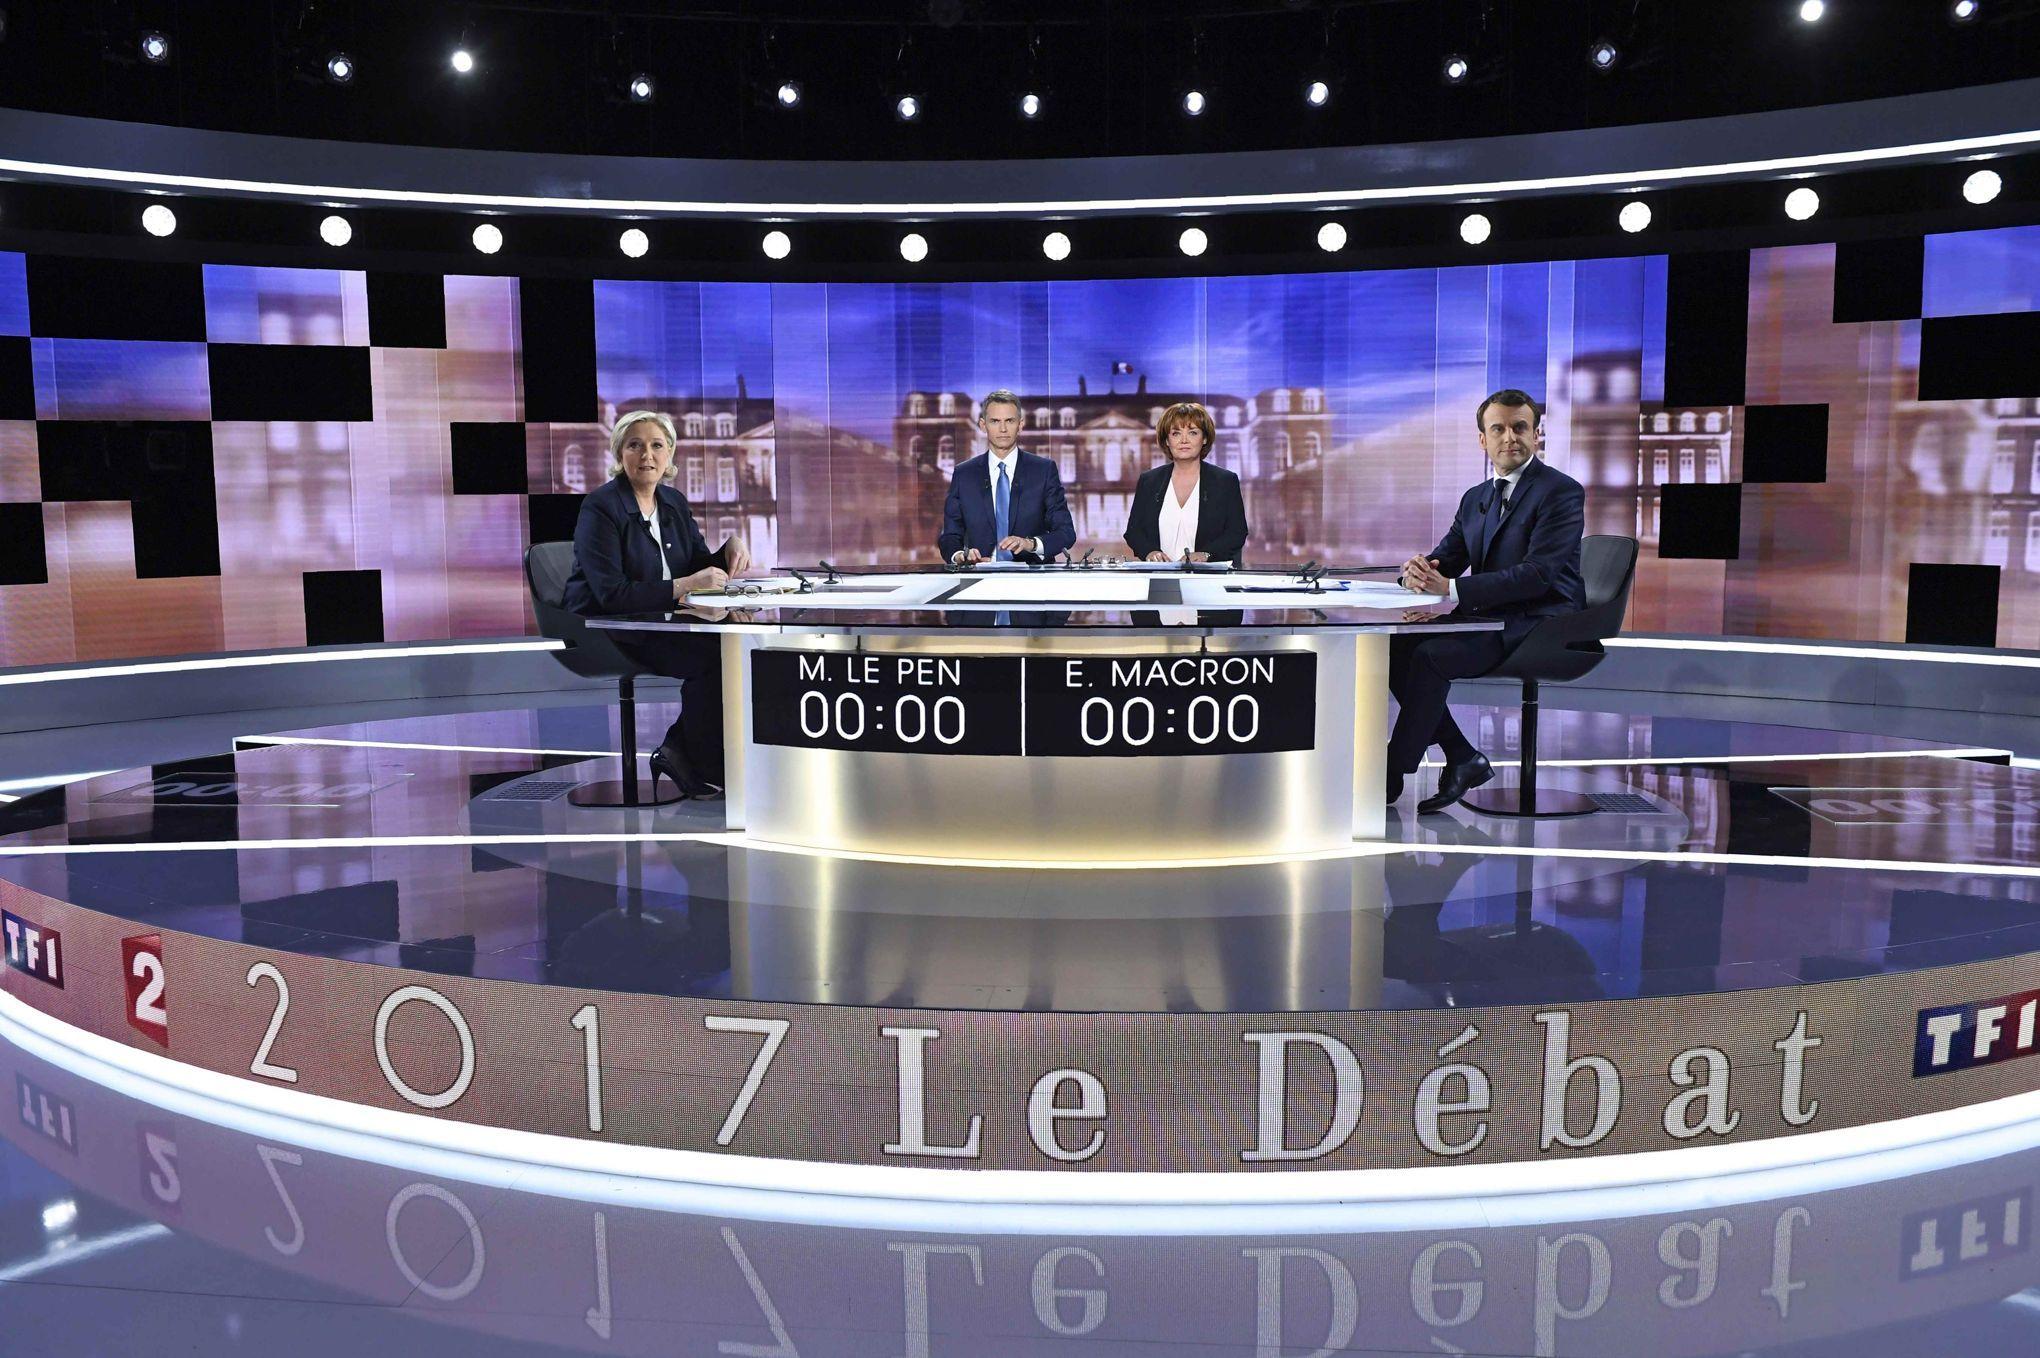 Débat présidentiel les quinze intox de Marine Le Pen et